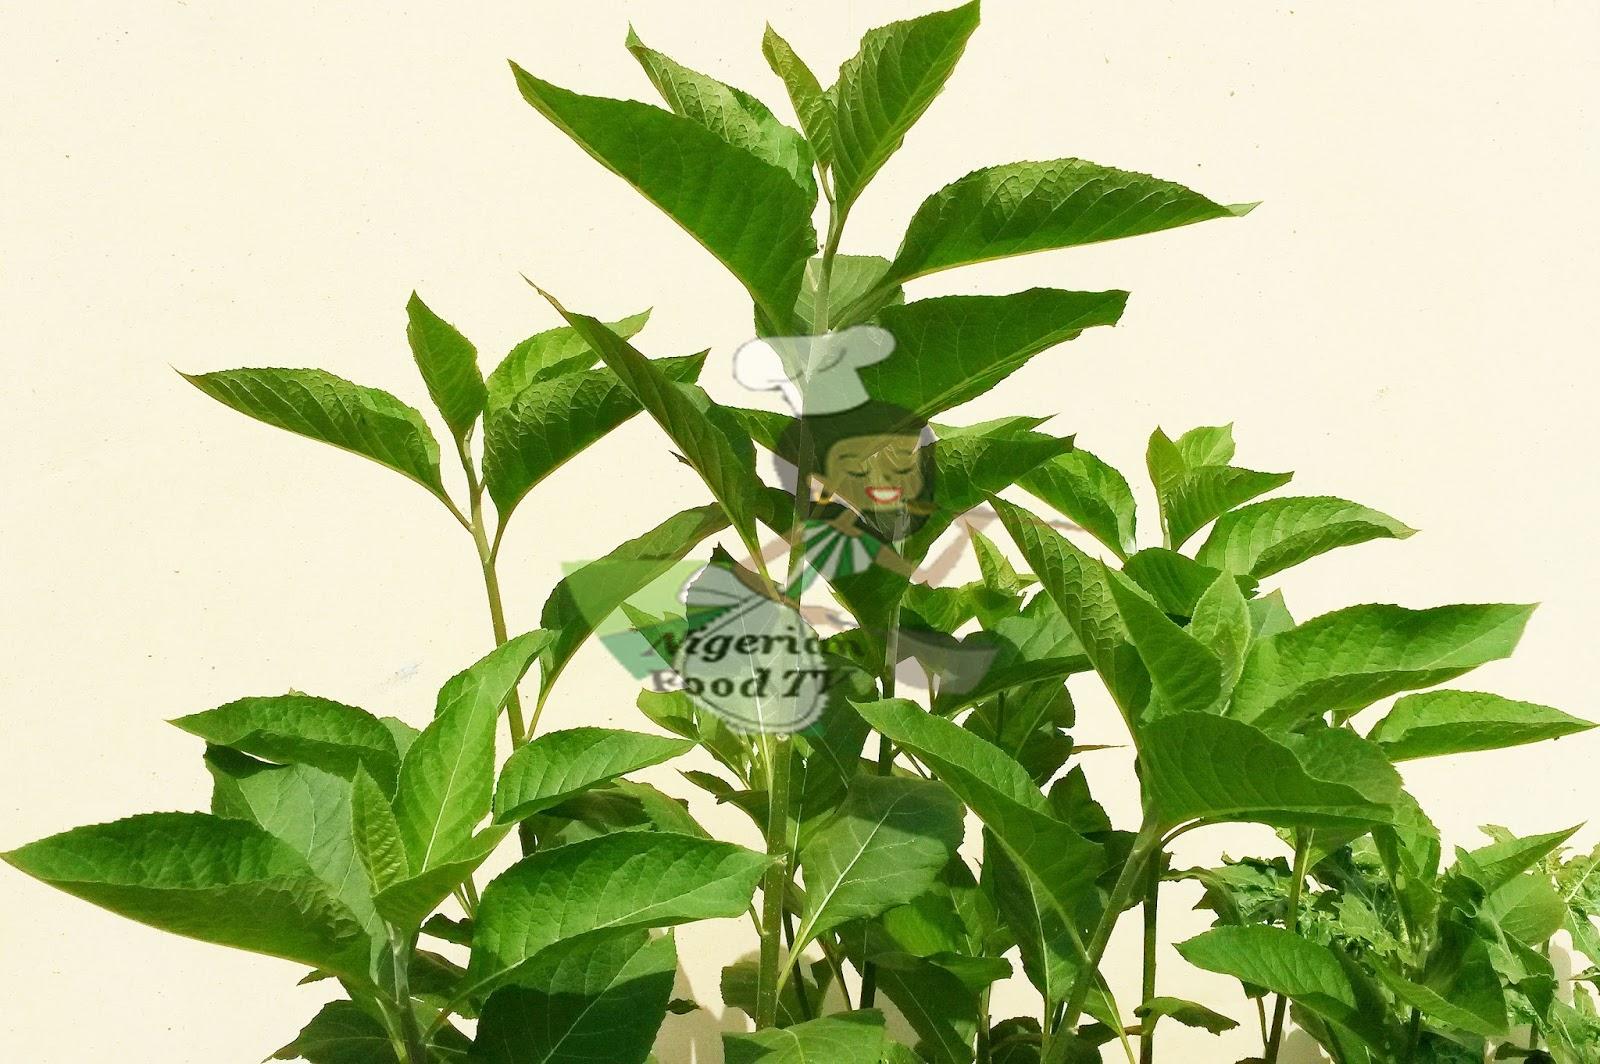 bitter leaf juice , Health Benefits of Bitter leaf (Vernonia amygdalina)